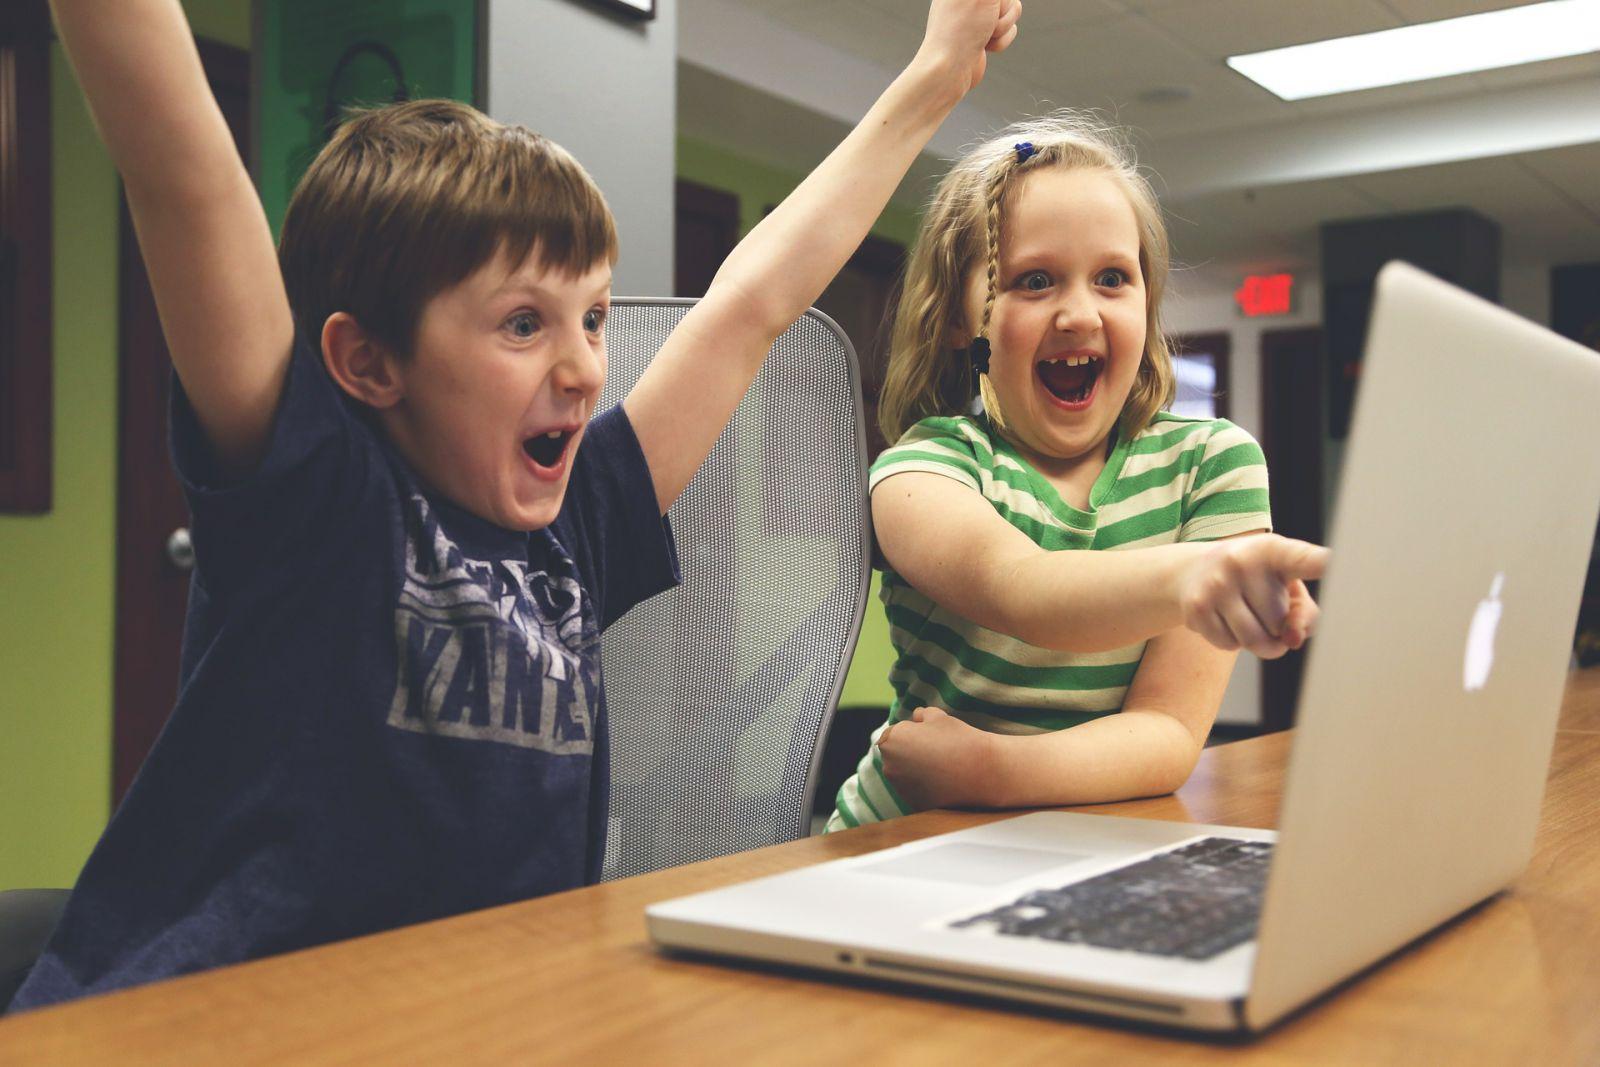 Spielen ist für Kinder im Internet die Hauptbeschäftigung